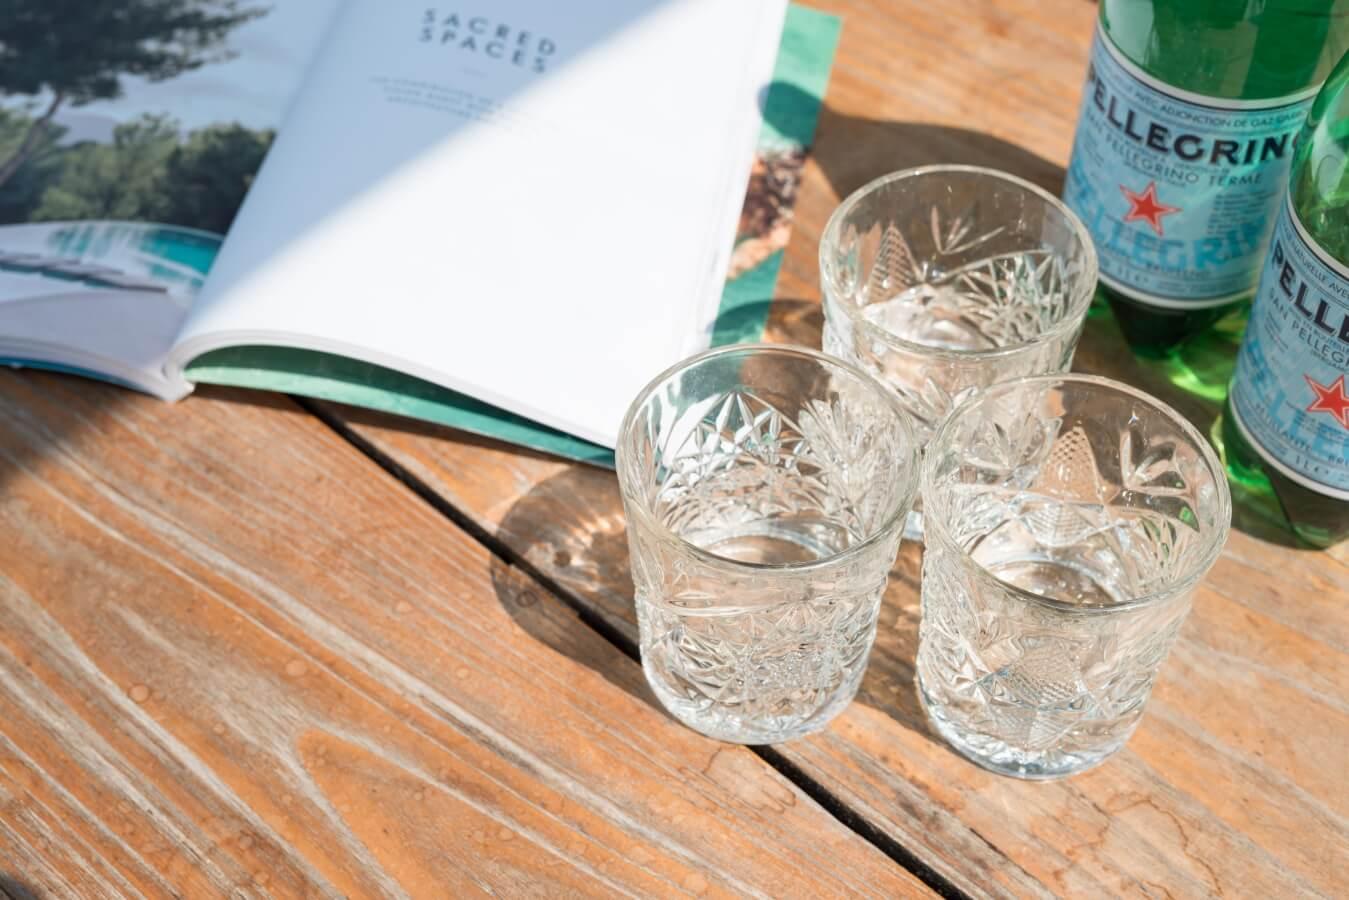 Stalen tuinkamer glas Groot Ammers